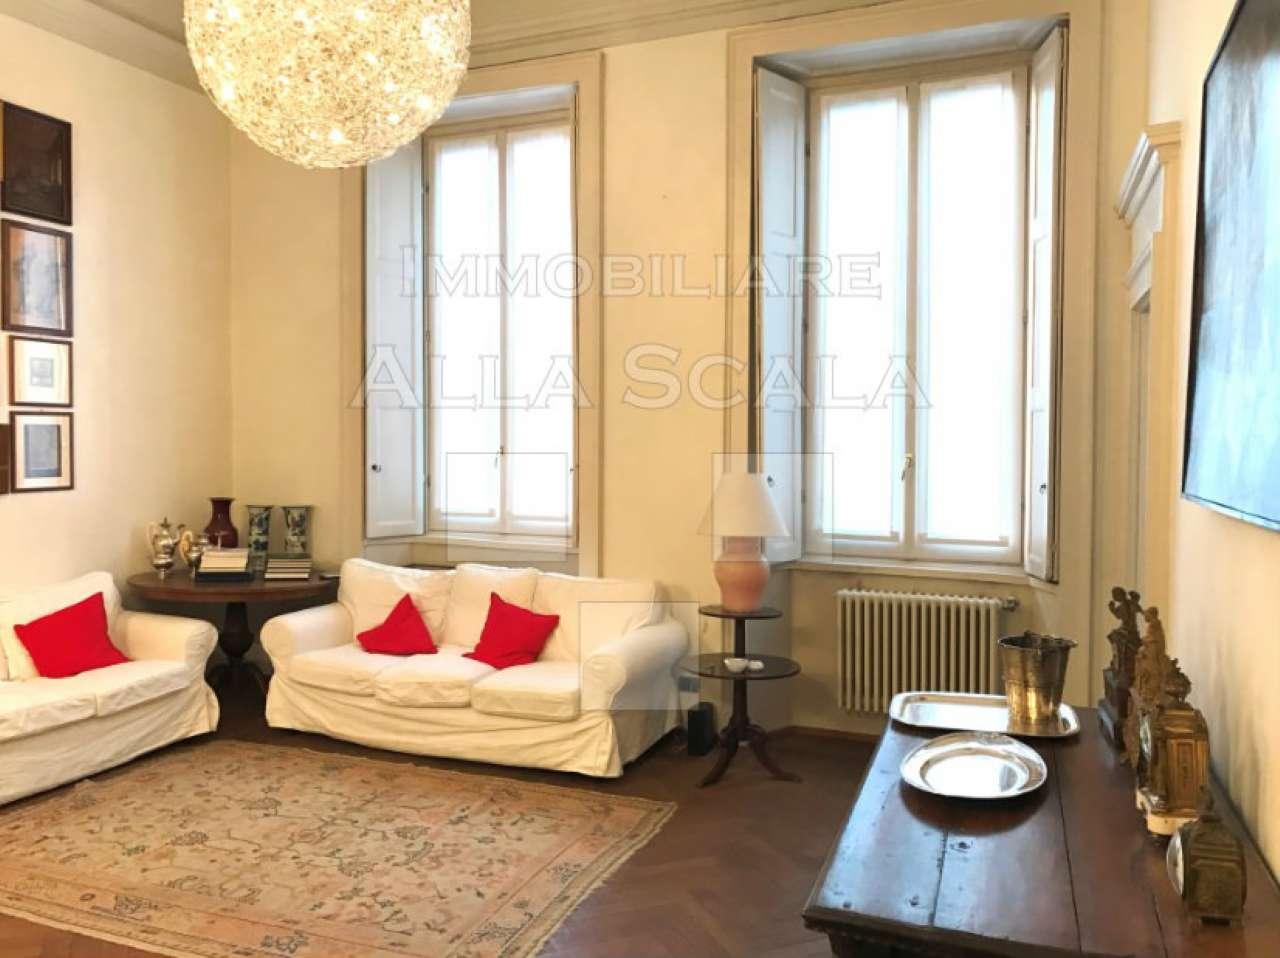 Attico / Mansarda in affitto a Milano, 4 locali, zona Zona: 1 . Centro Storico, Duomo, Brera, Cadorna, Cattolica, prezzo € 4.000 | Cambio Casa.it